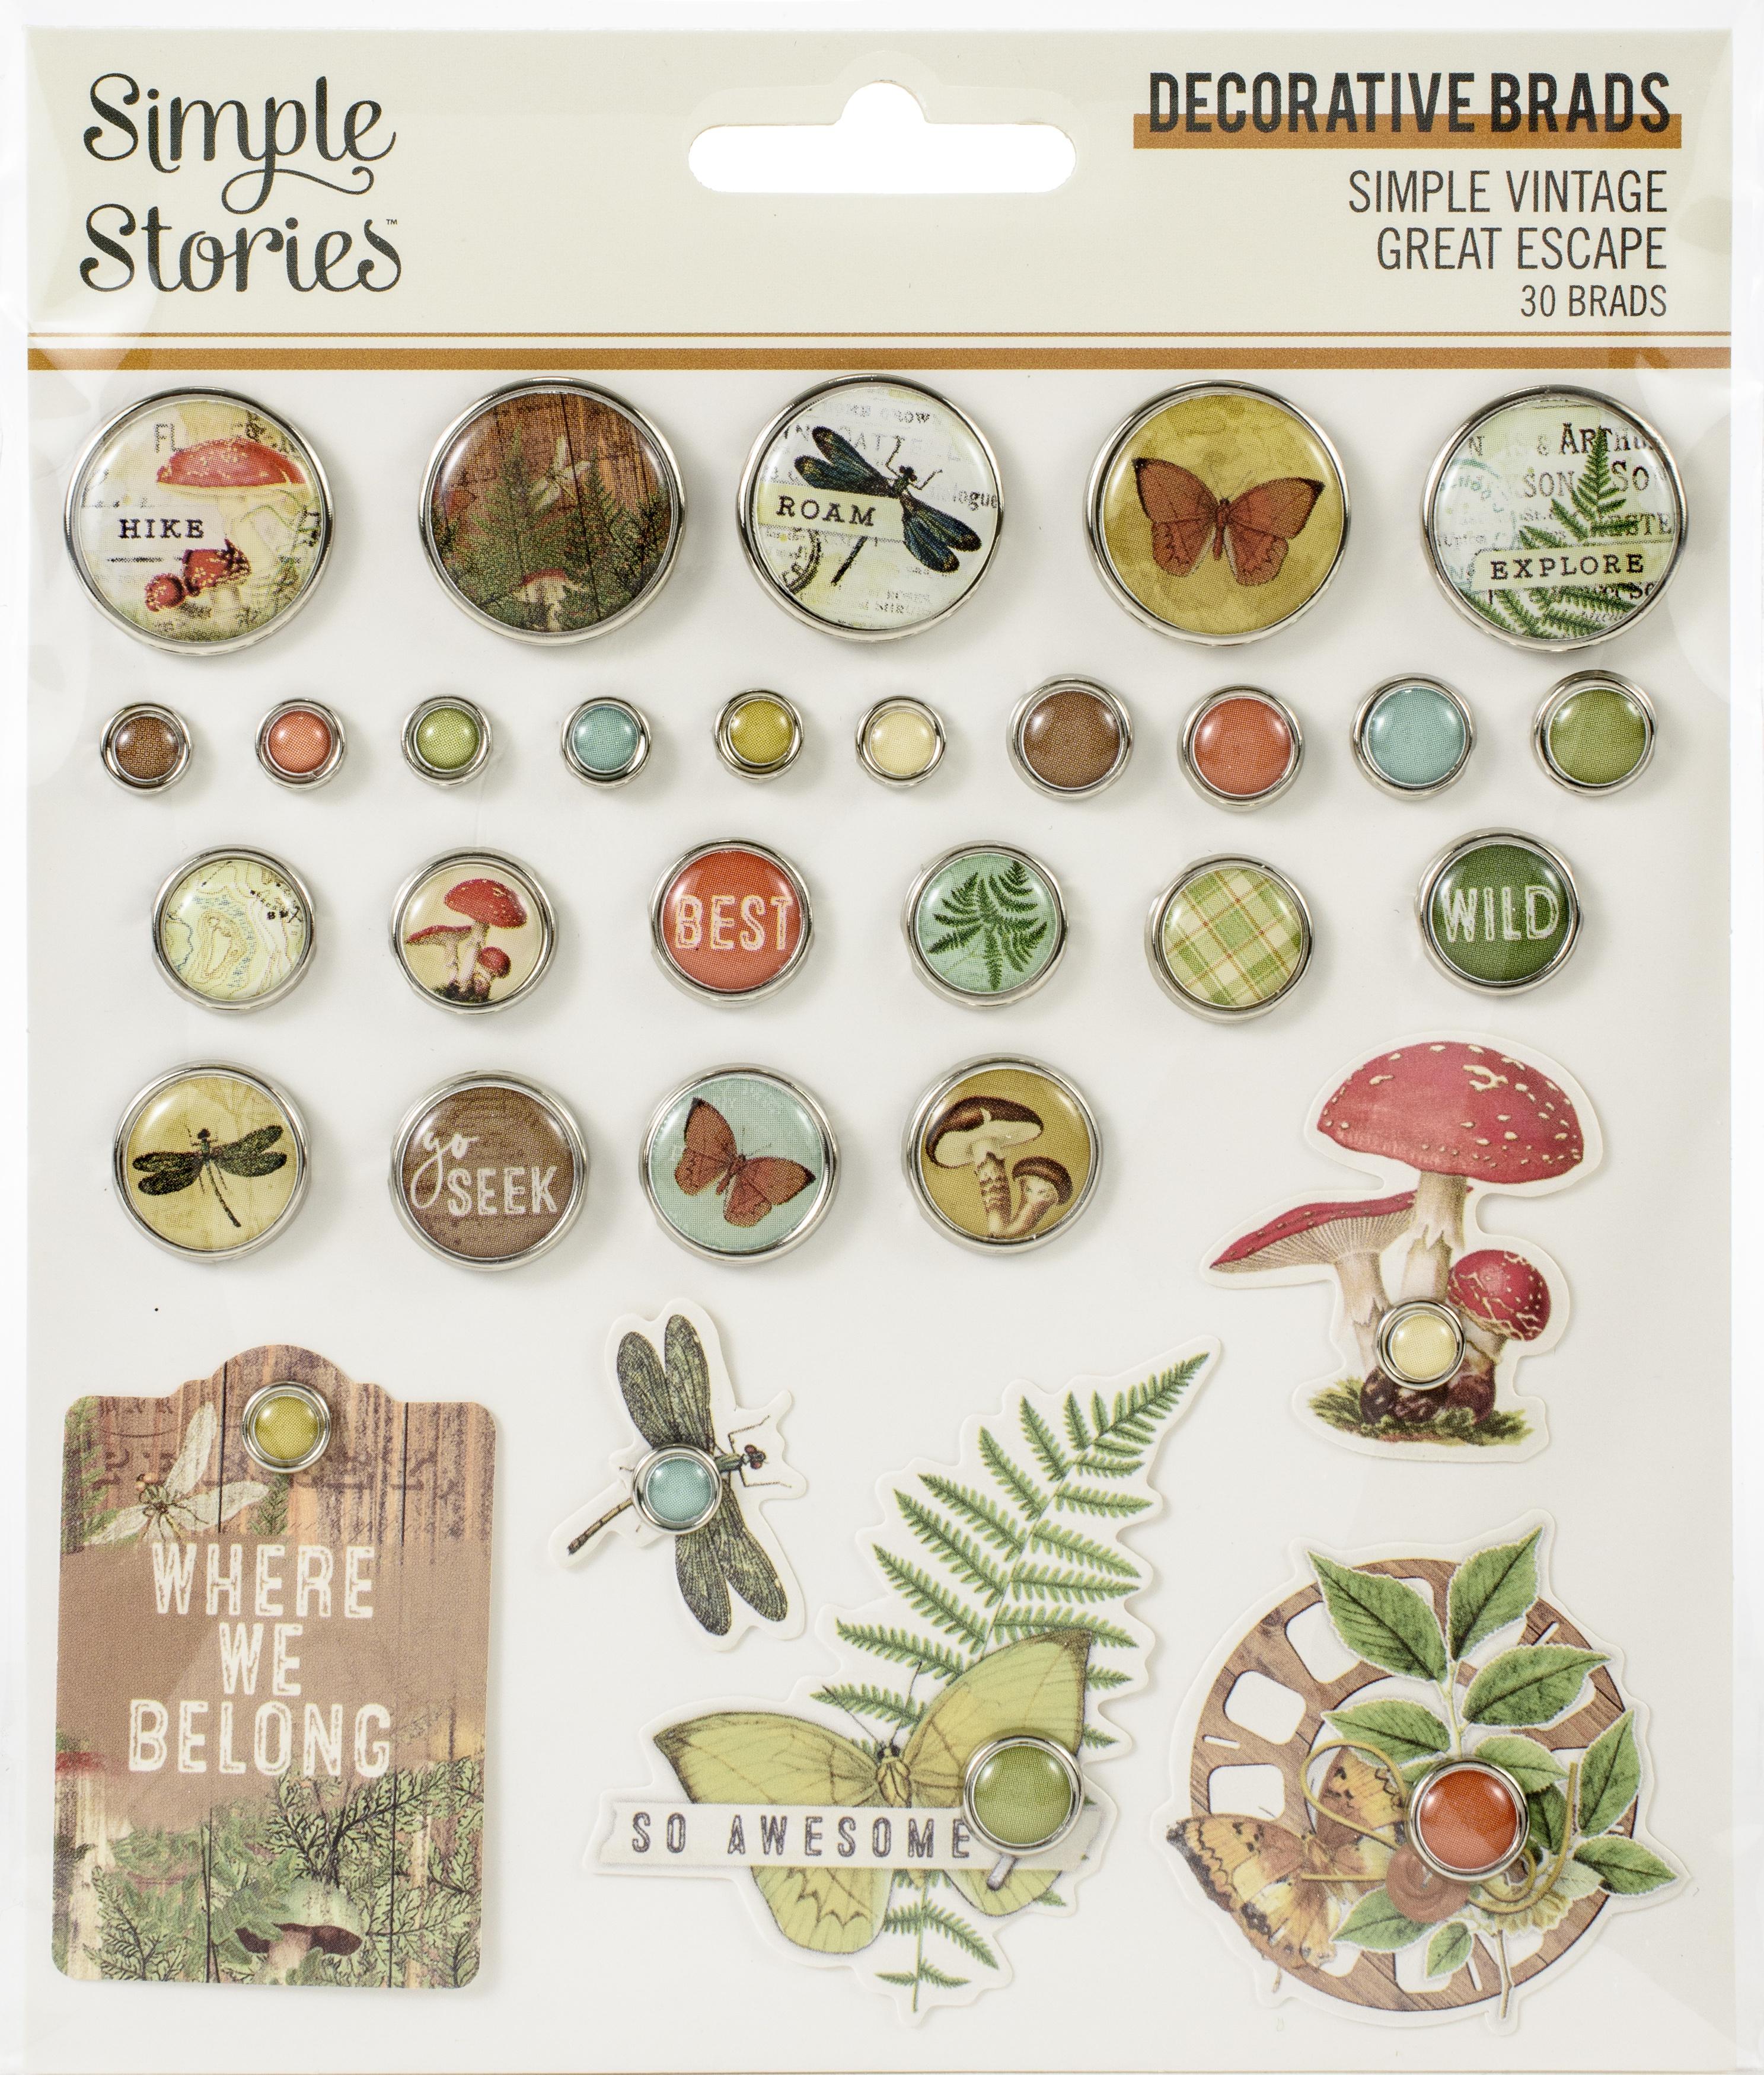 Simple Vintage Great Escape Decorative Brads 30/Pkg-